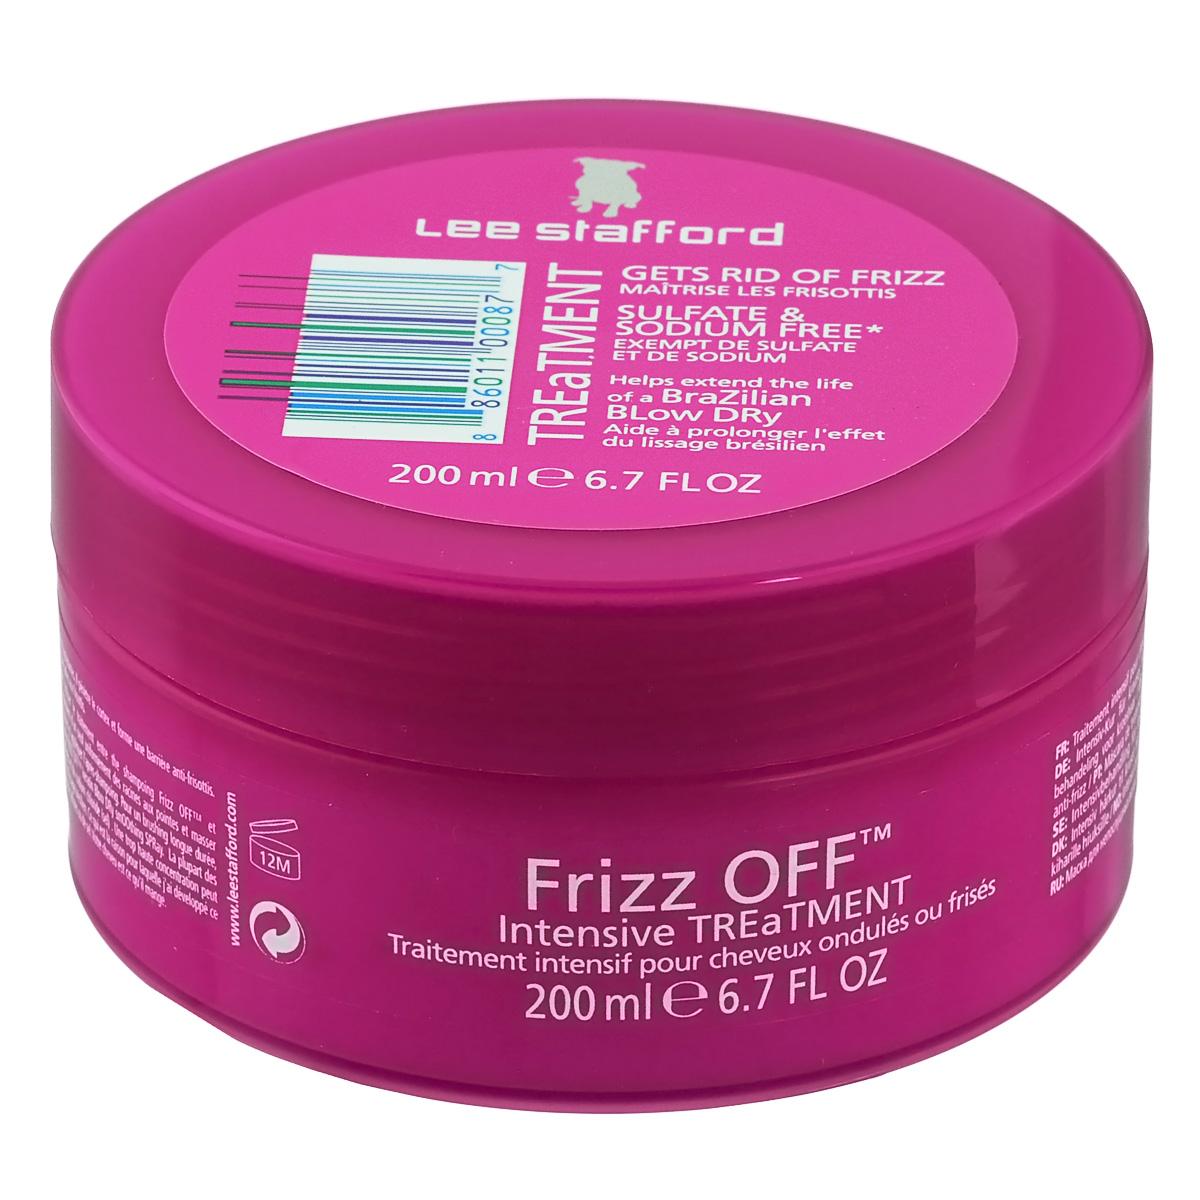 Lee Stafford Маска для придания гладкости непослушным волосам Frizz Off, 200 мл785295200231 Lee Stafford Маска для придания гладкости непослушным волосам Frizz OFF Treatment, 200 мл. Средство использовать не реже 1 раза в неделю между применениями шампуня и кондиционера линии Frizz OFF. Нанести на влажные, чистые волосы, распределив по всей длине, через 5 мин промыть водой. Серия разработана для людей с чувствительной кожей головы, сухими, повреждёнными непослушными волосами.